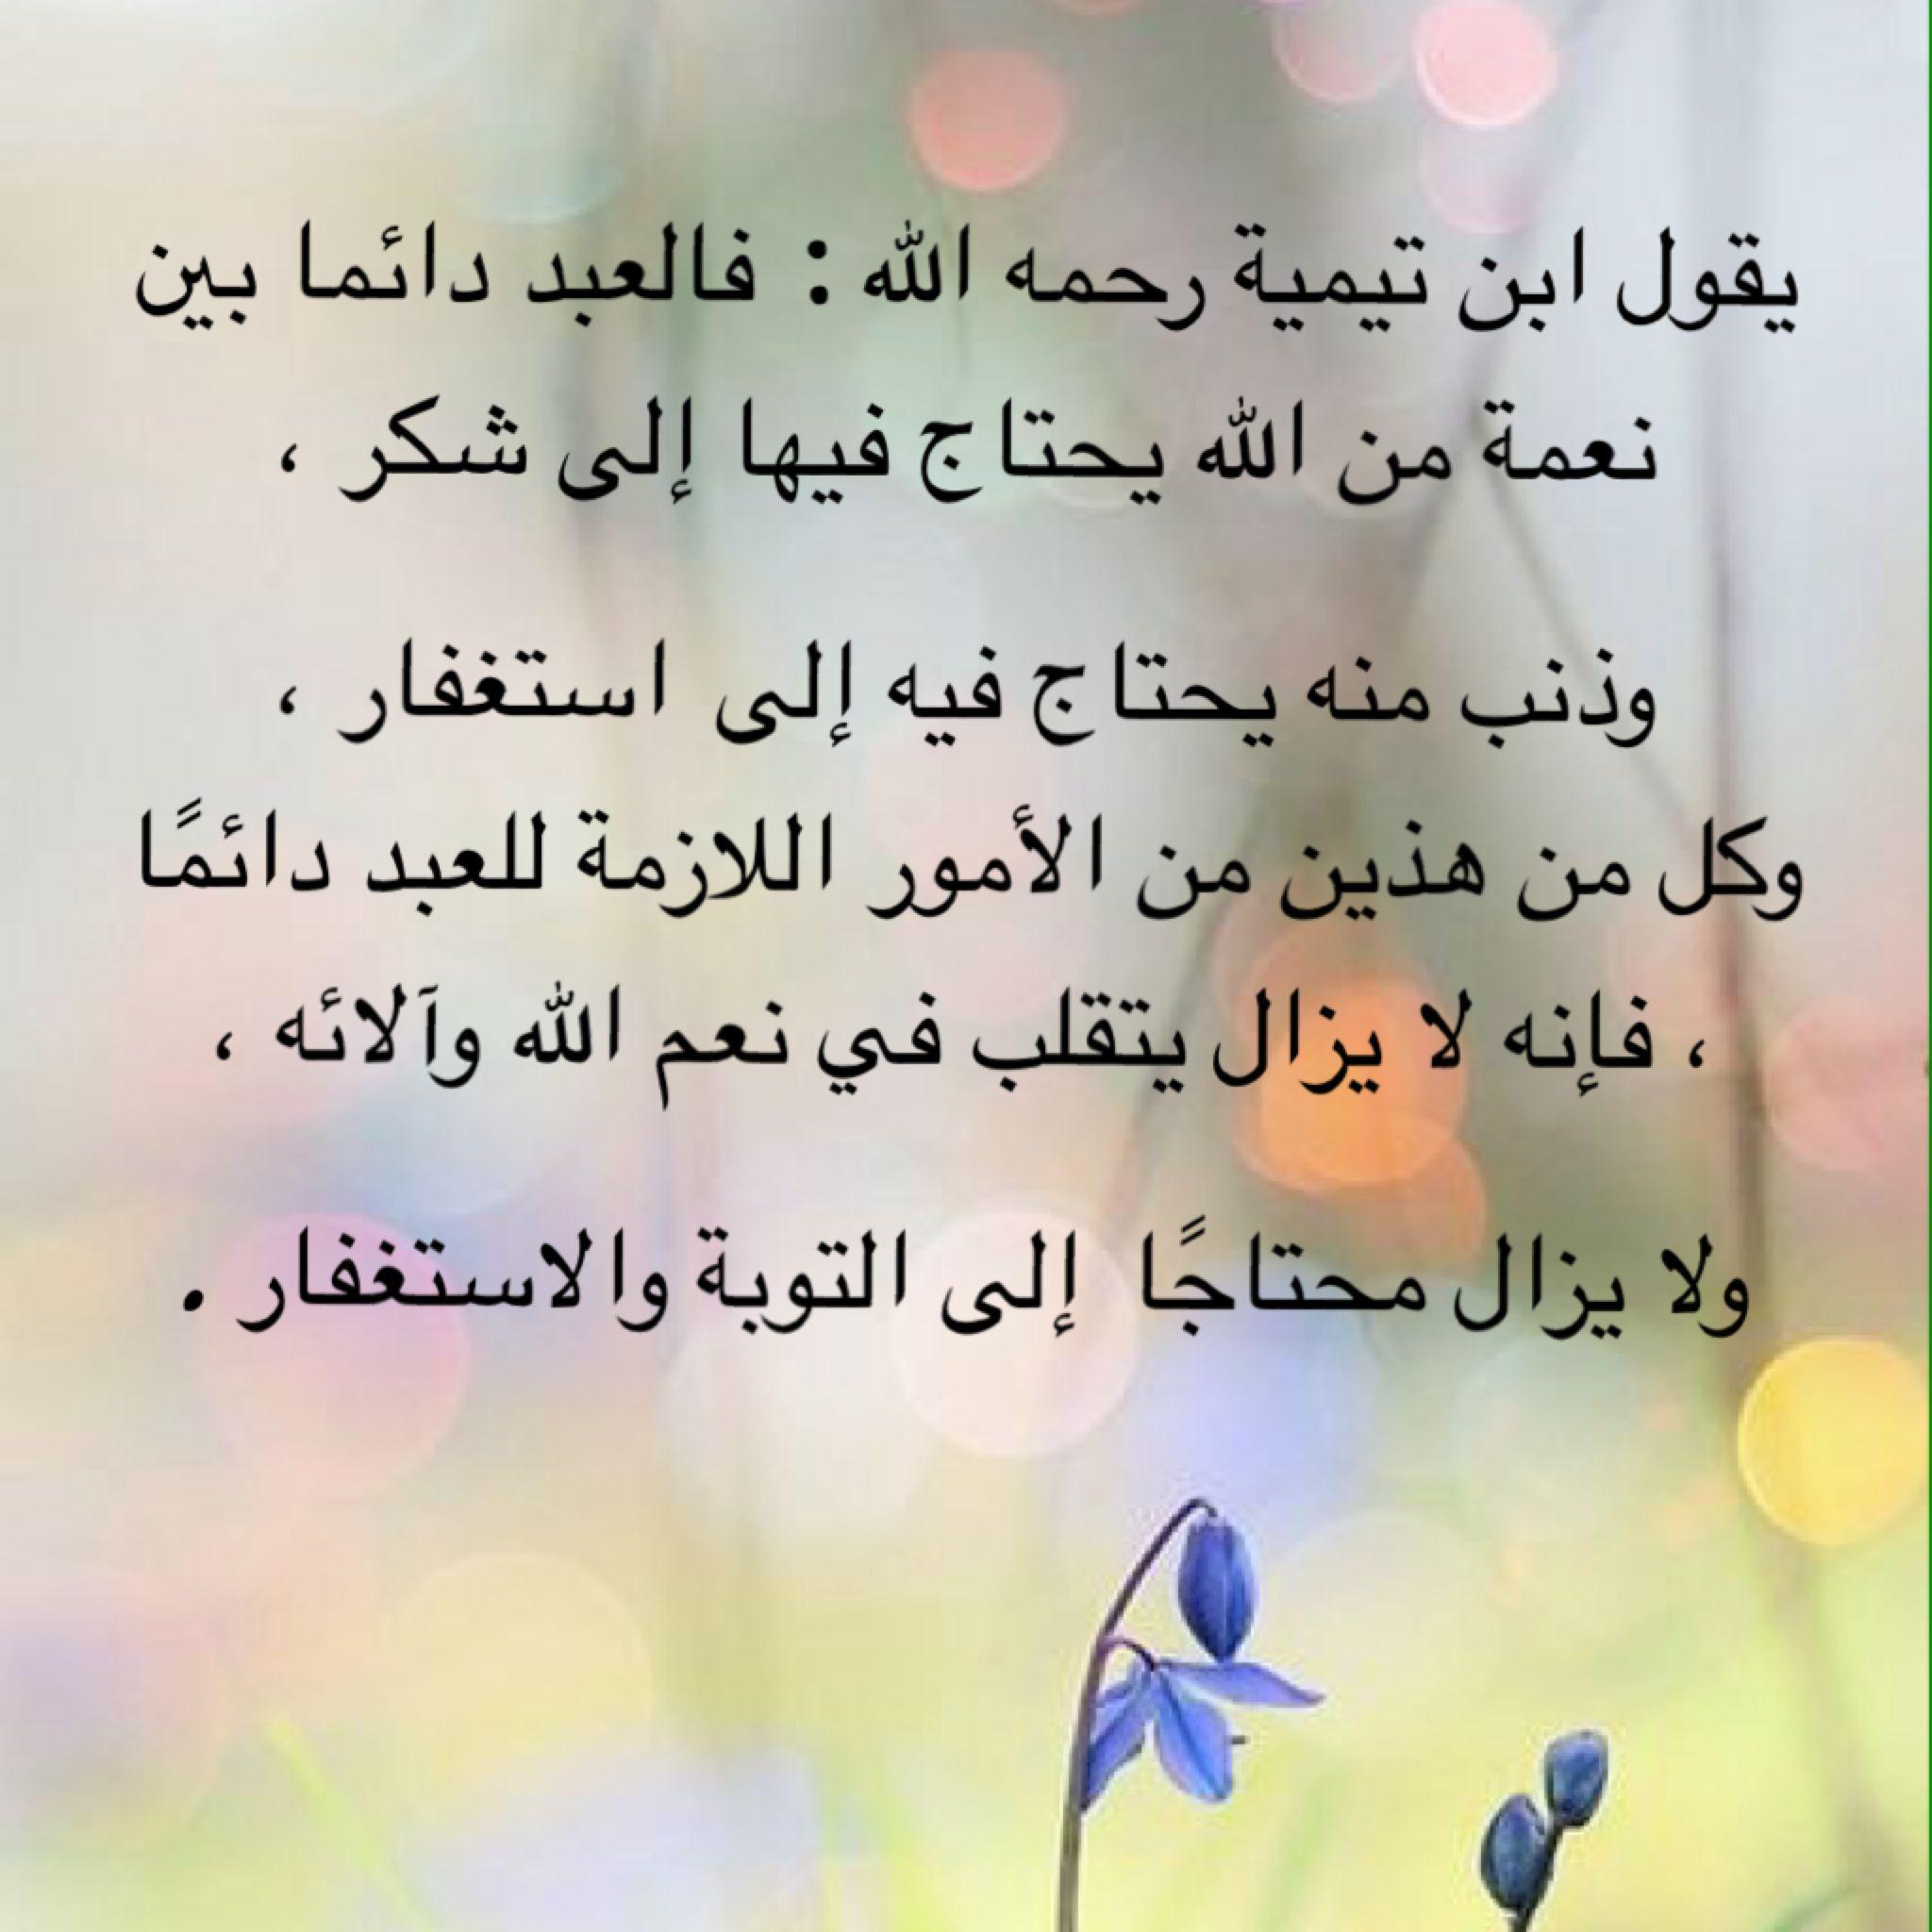 يقول شيخ الاسلام ابن تيمية رحمه الله فالعبد دائما بين نعمة من الله يحتاج فيها إلى شكر وذنب منه يحتاج فيه إلى استغفار Islamic Phrases Words Of Wisdom Words